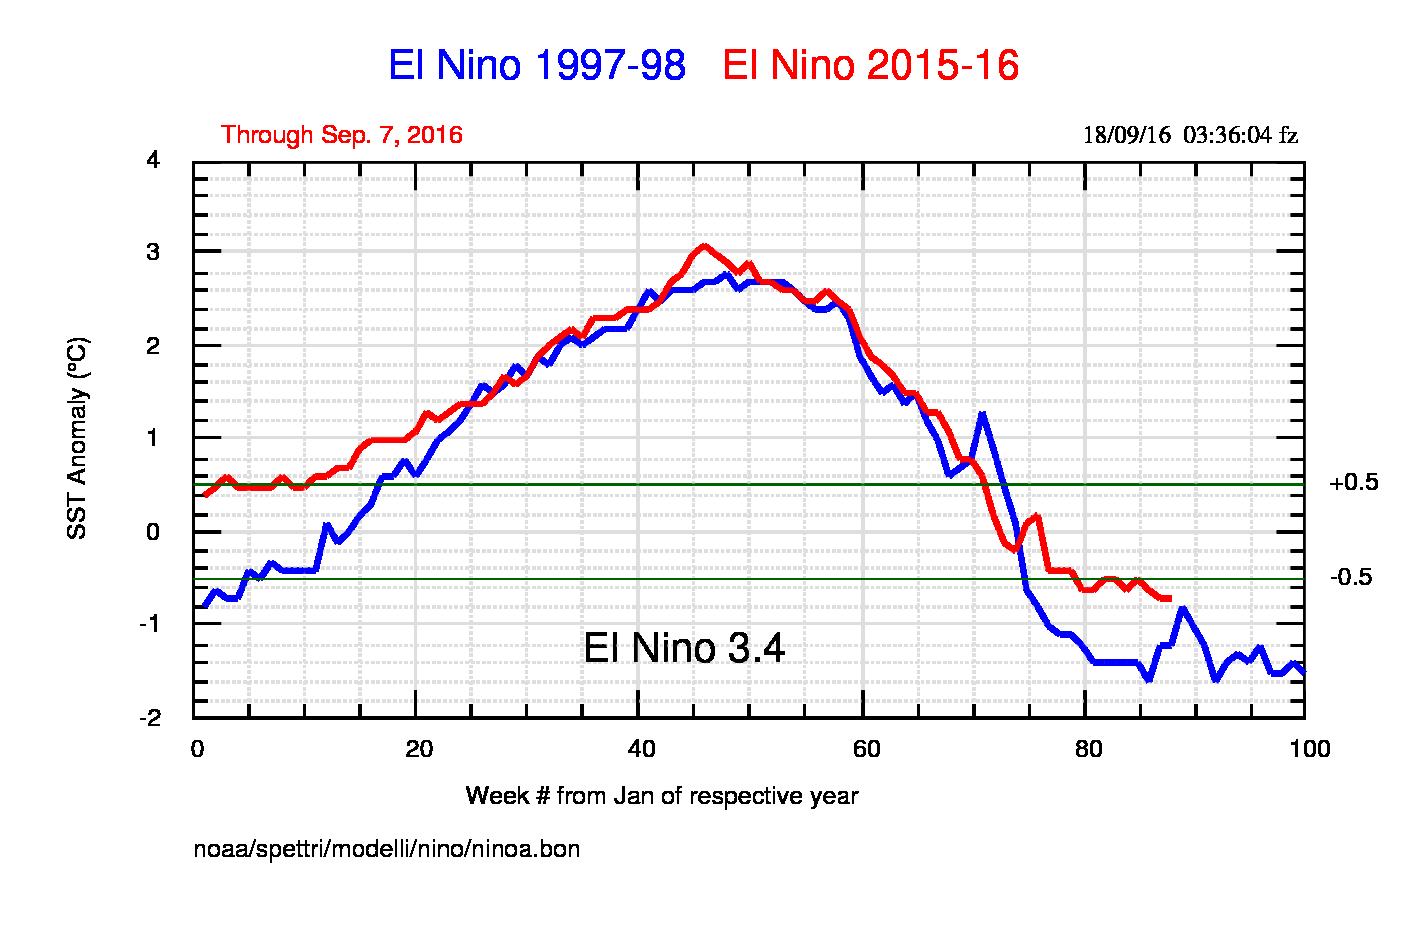 Fig.1: Confronto tra gli El Niño 97-98 e 15-16. L'area compresa tra -0.5 e +0.5 corrisponde alla situazione di neutralità. Valori inferiori a -0.5 definiscono La Niña.